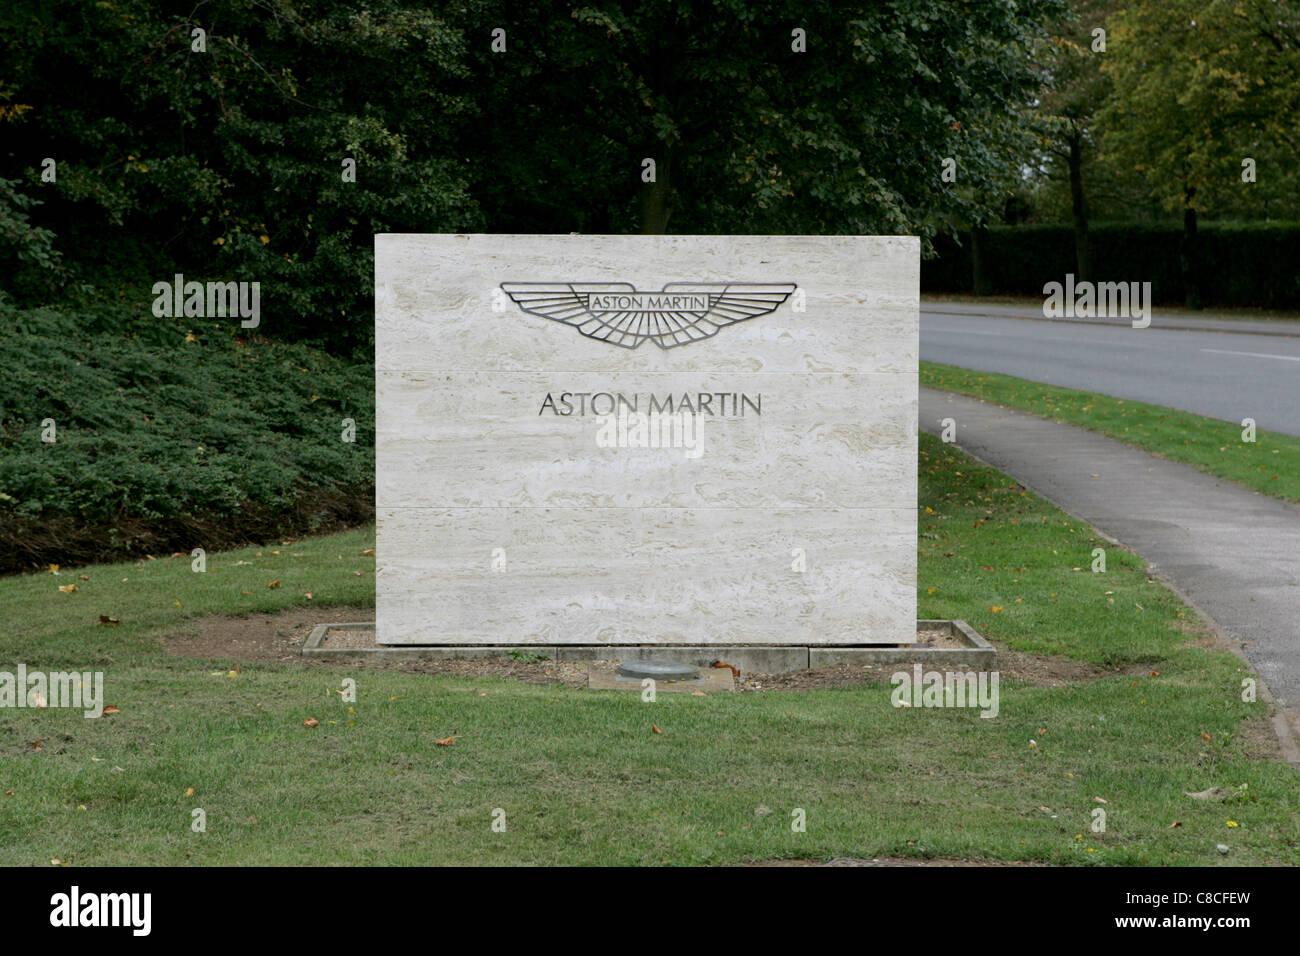 Aston Martin Gaydon Hauptsitz Stockbild